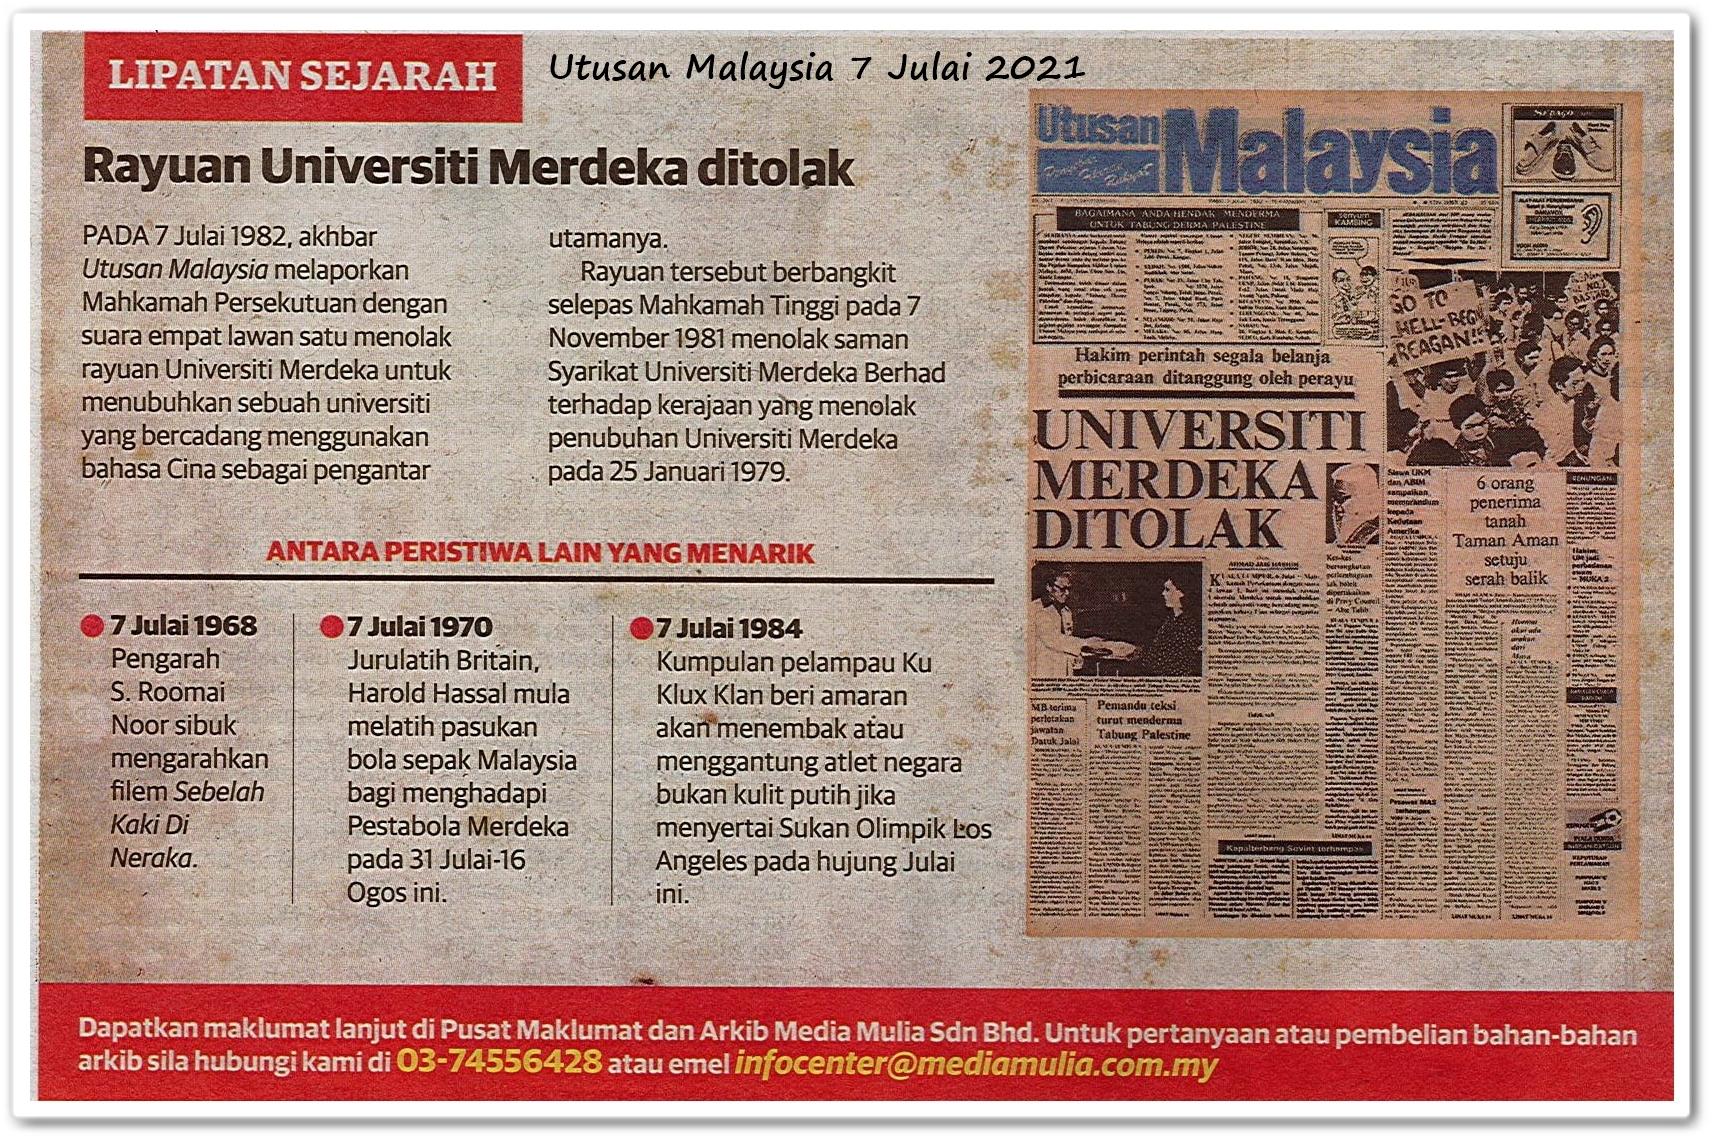 Lipatan sejarah 7 Julai - Keratan akhbar Utusan Malaysia 7 Julai 2021